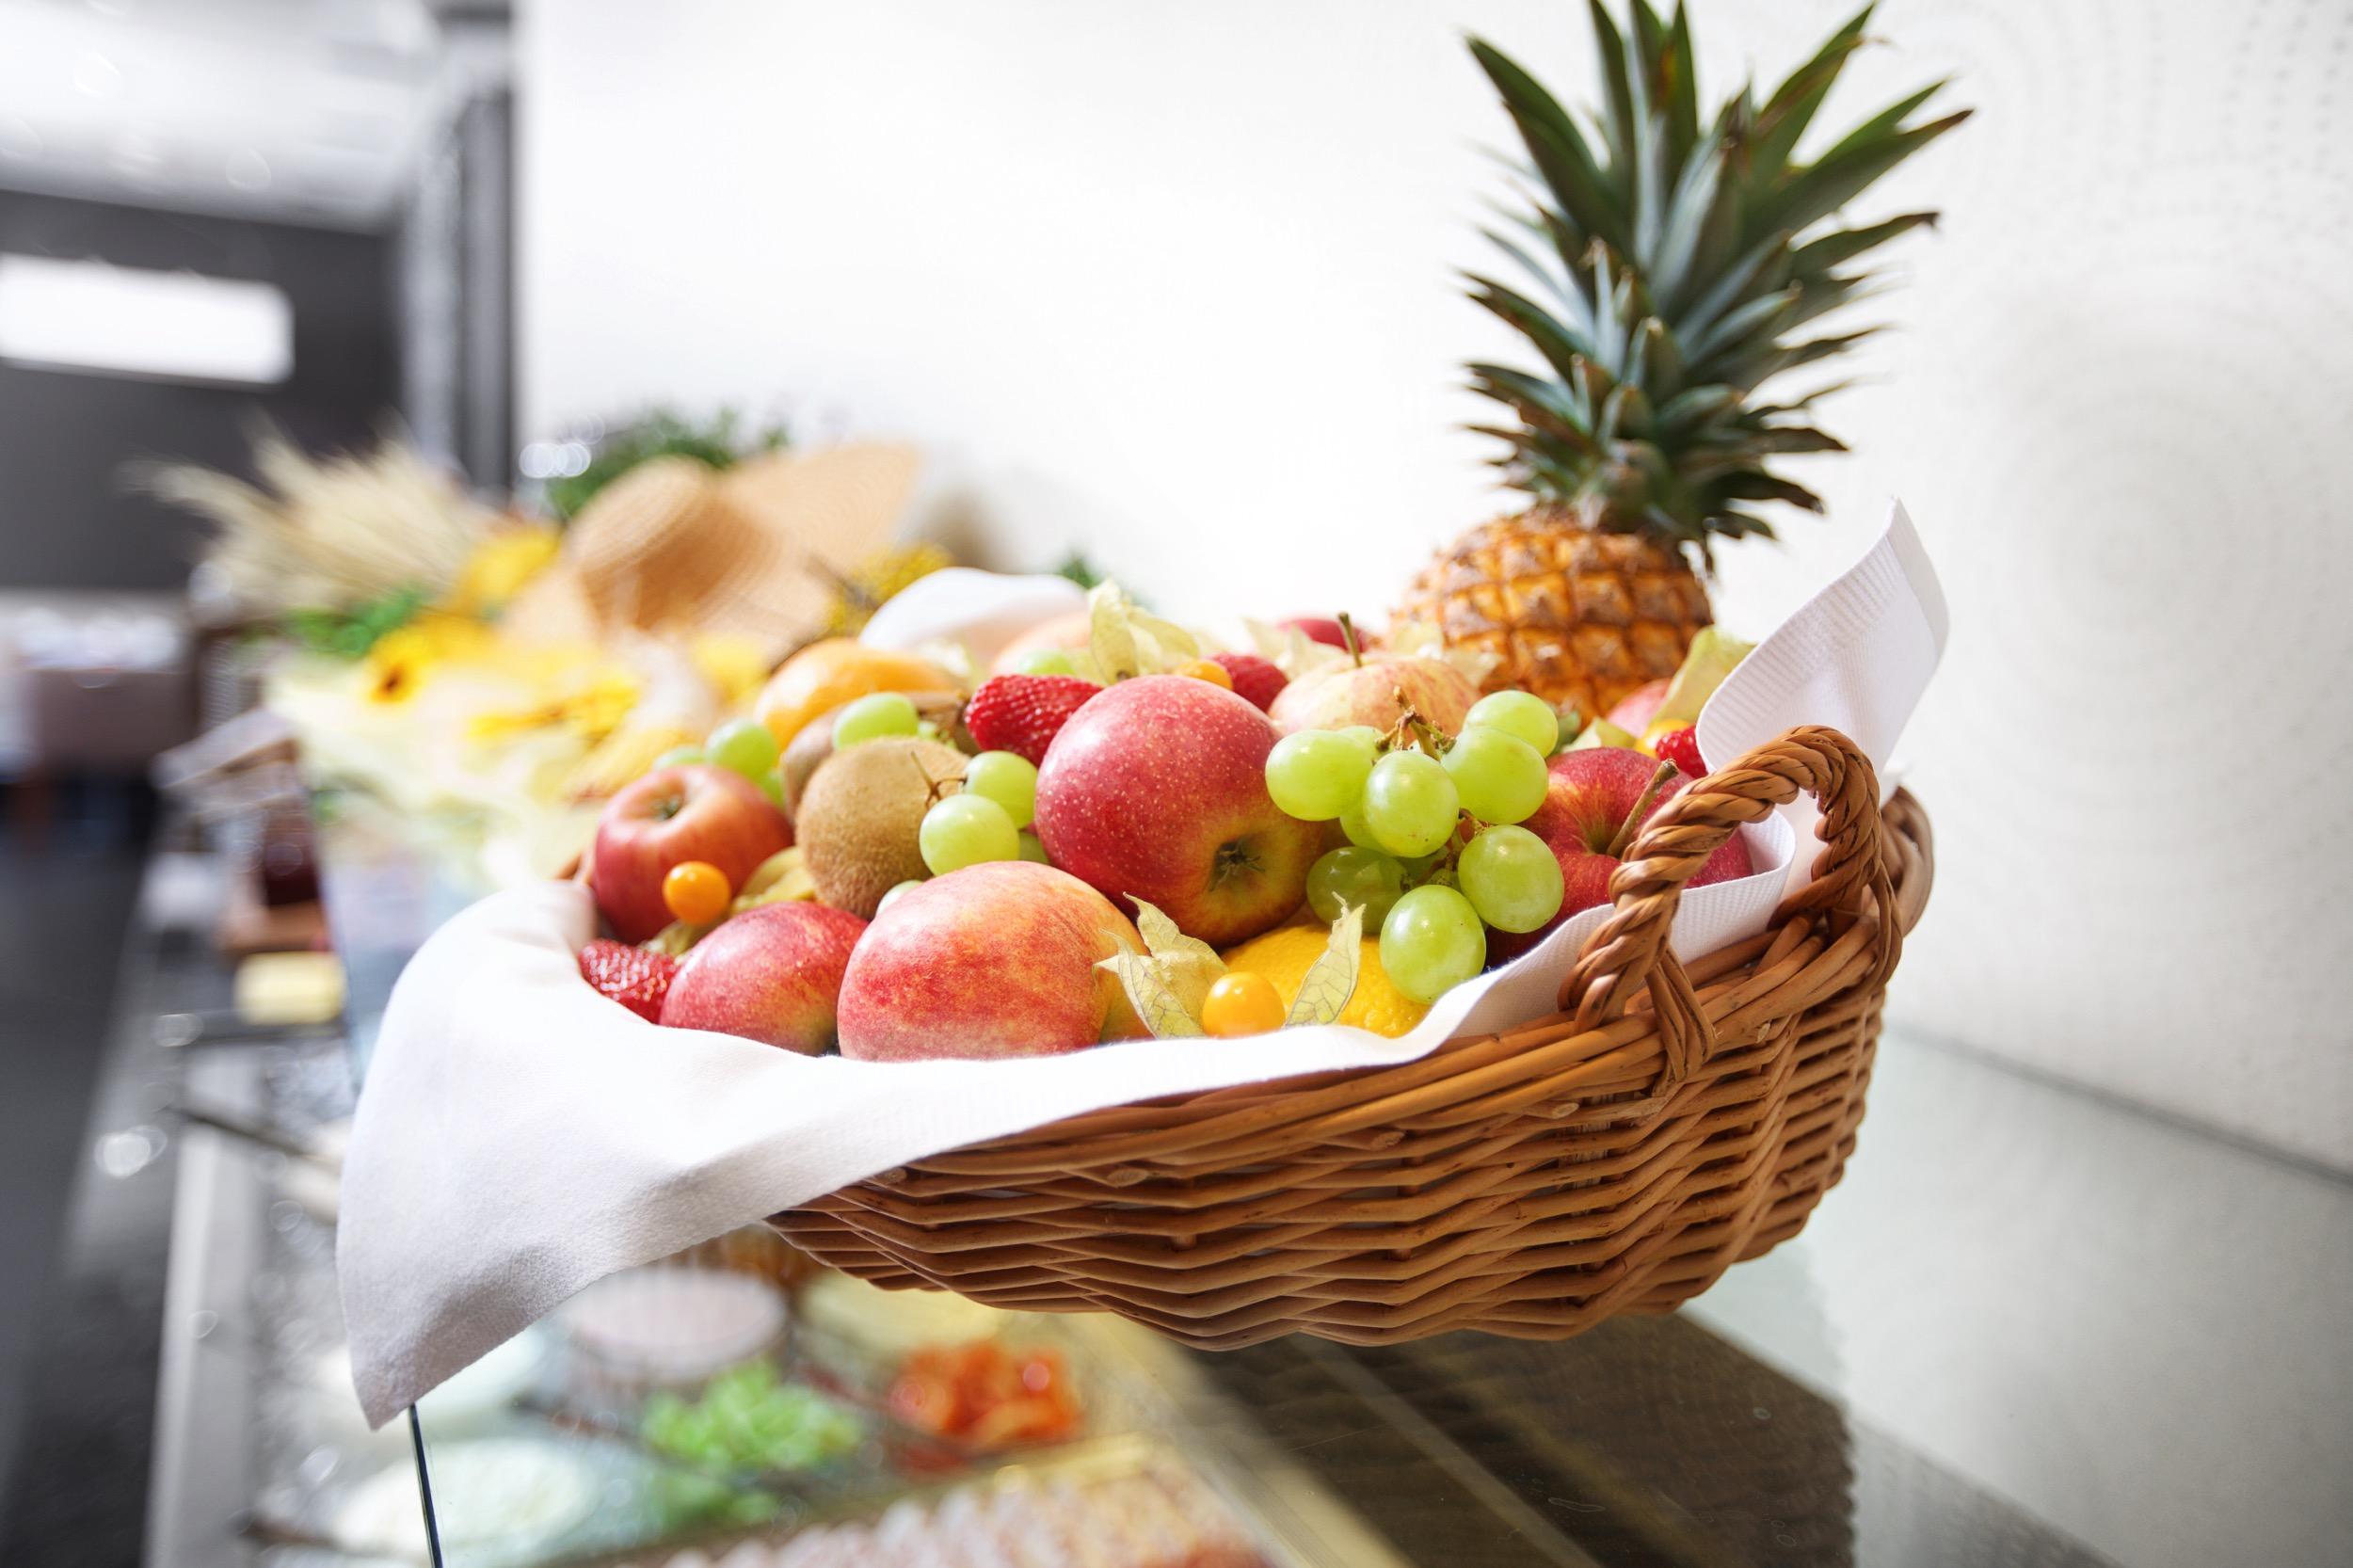 Faszinierend Guten Morgen Frühstück Ideen Von Frühstück Hotel Krone Sarnen Frühstück Hotel Krone